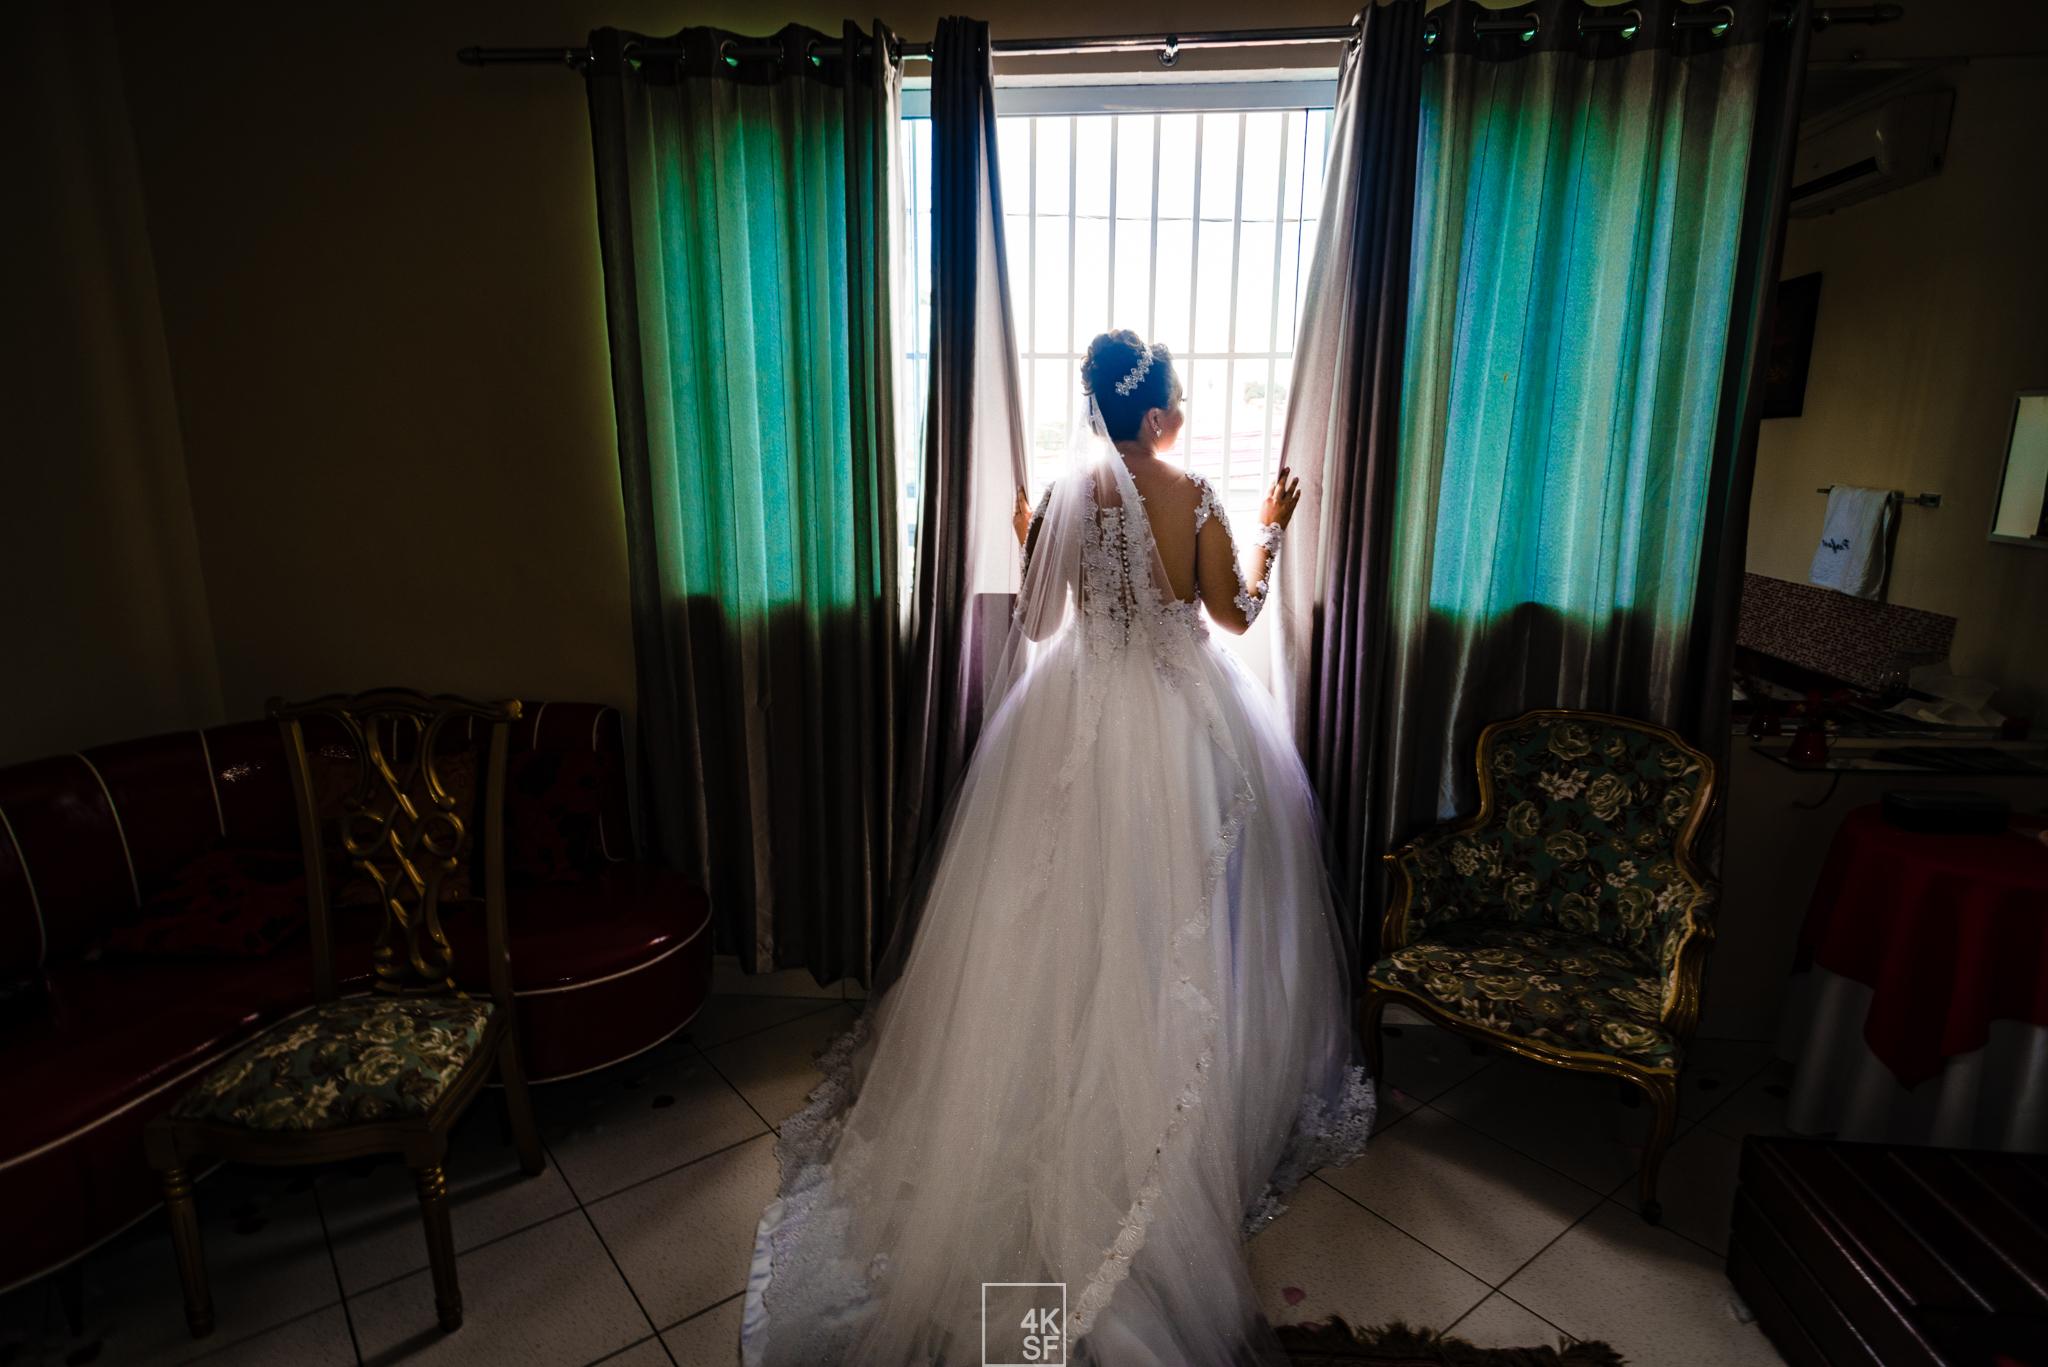 Contate Fotógrafo de casamento em São Paulo | Rafael Iven